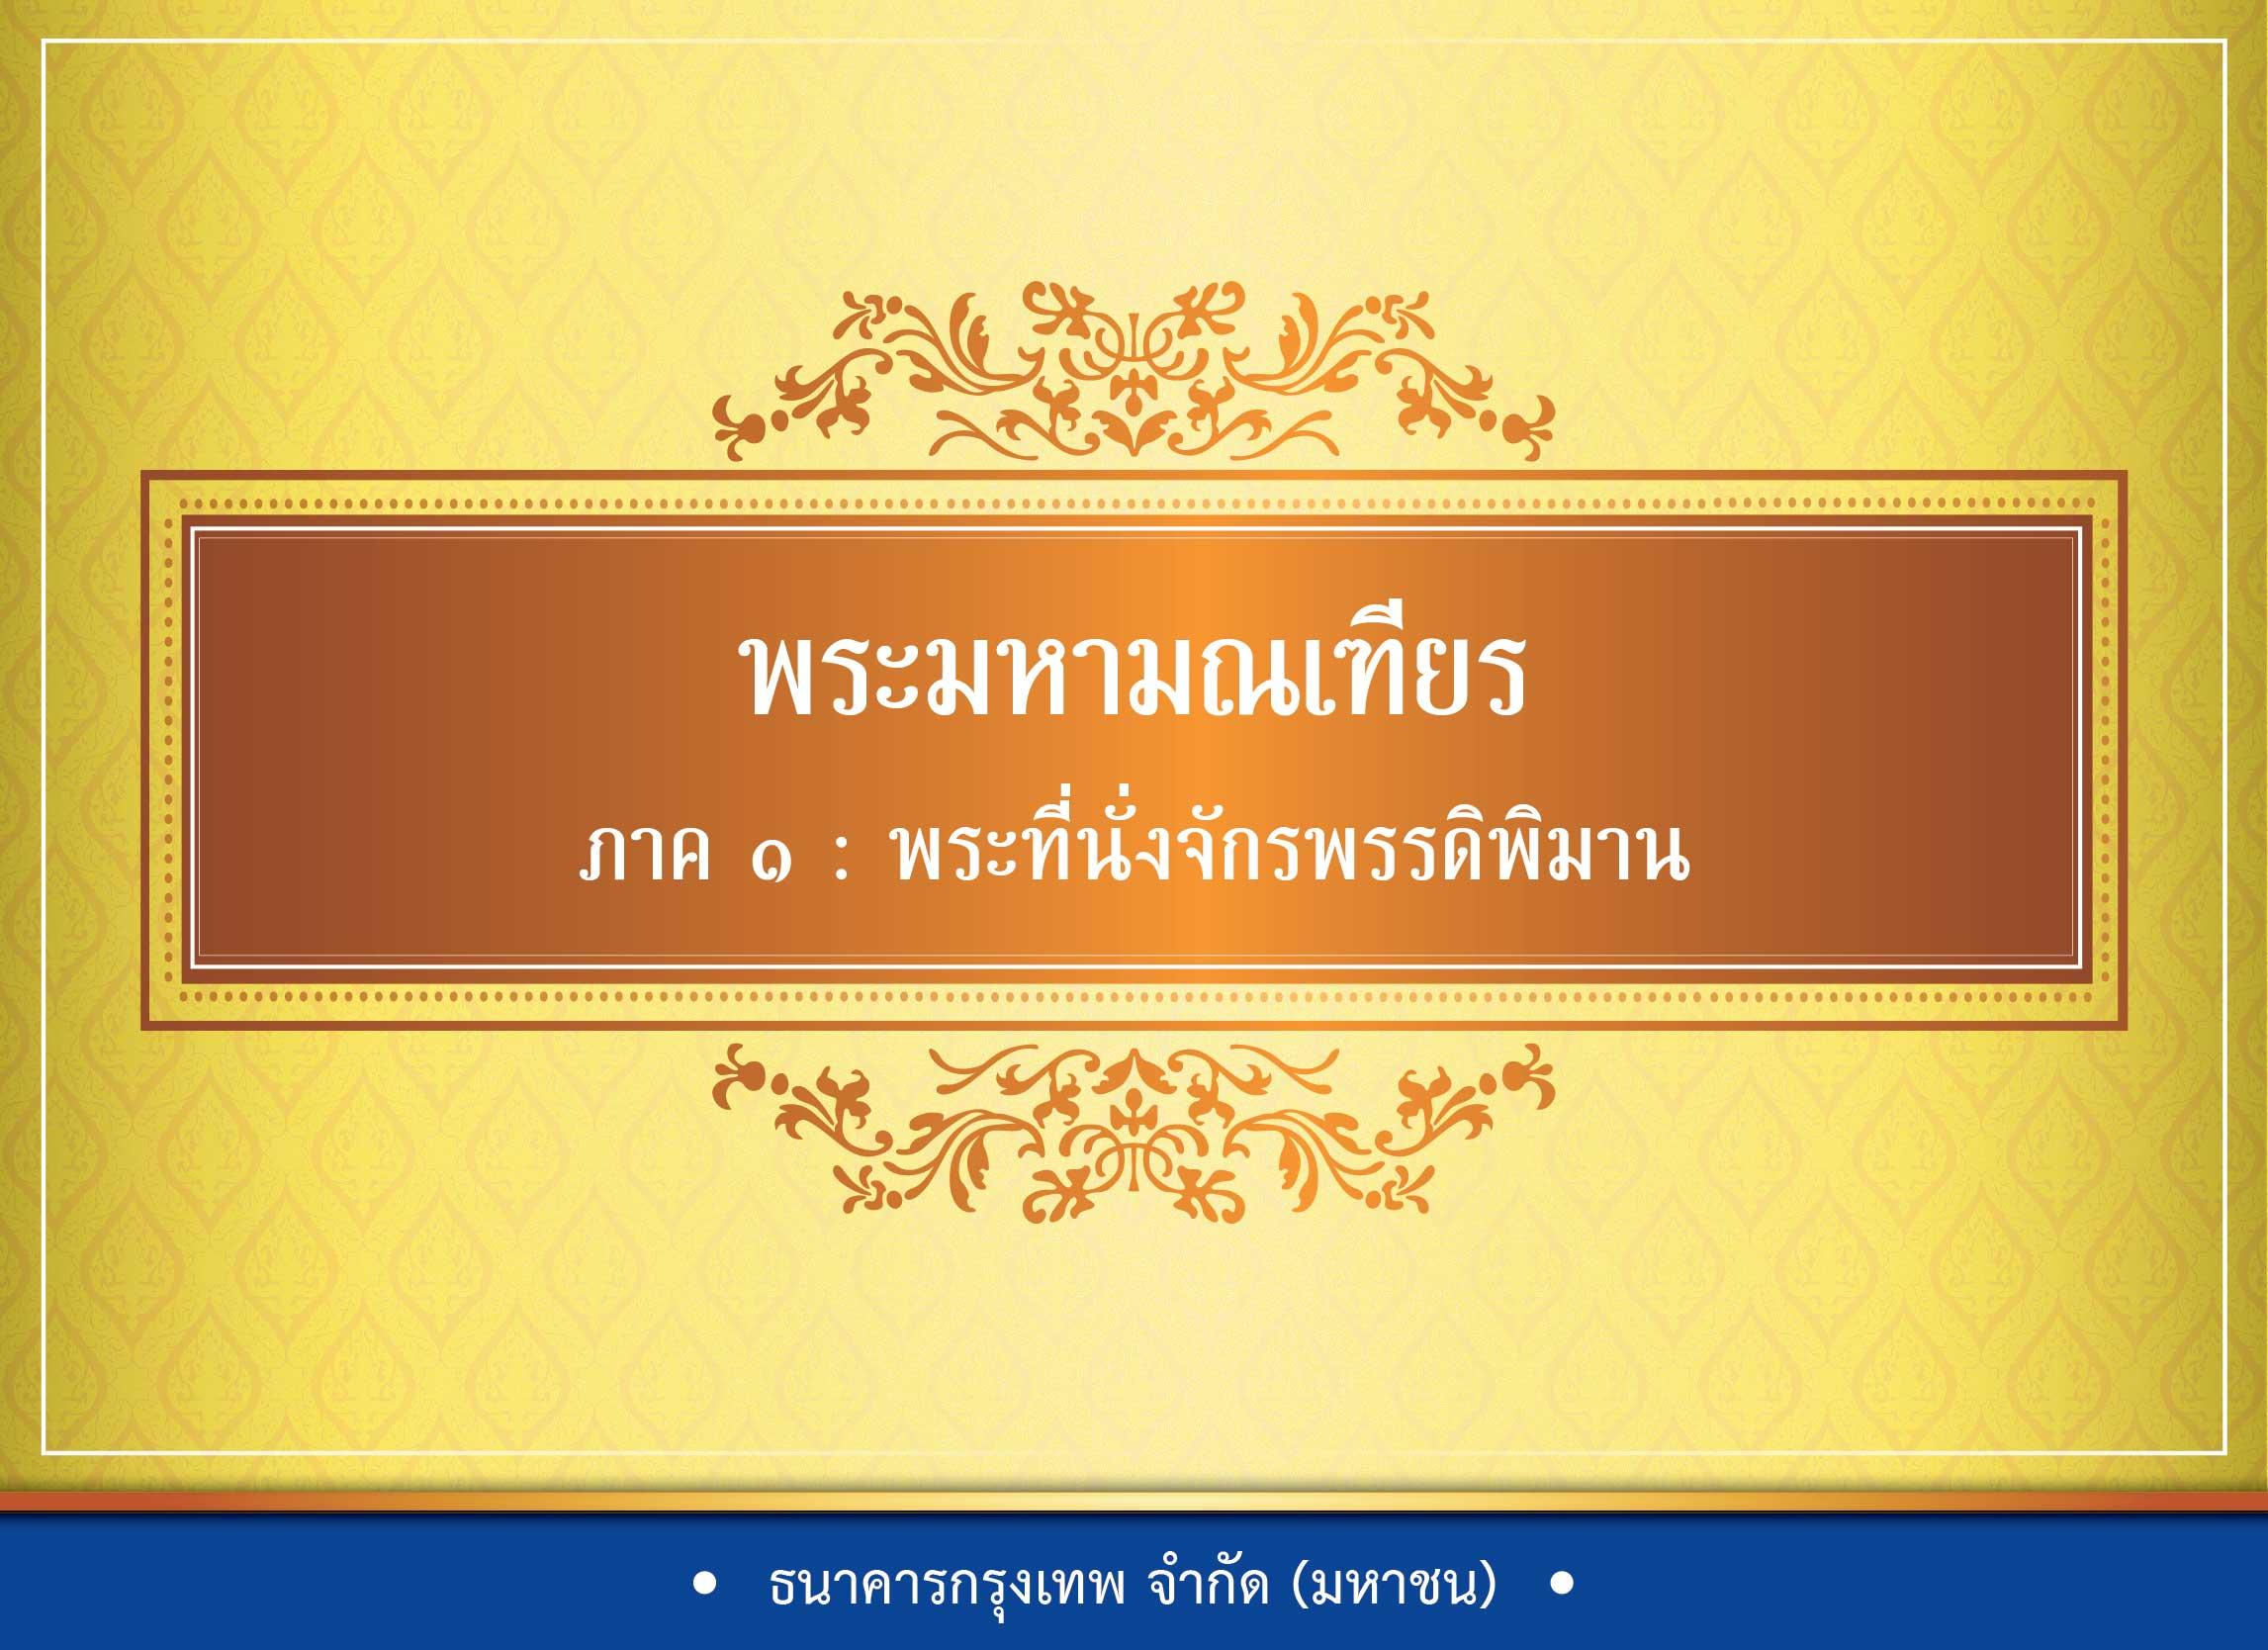 องค์ความรู้พระราชพิธีบรมราชาภิเษก เรื่อง พระมหามณเฑียร ภาค ๑ : พระที่นั่งจักรพรรดิพิมาน